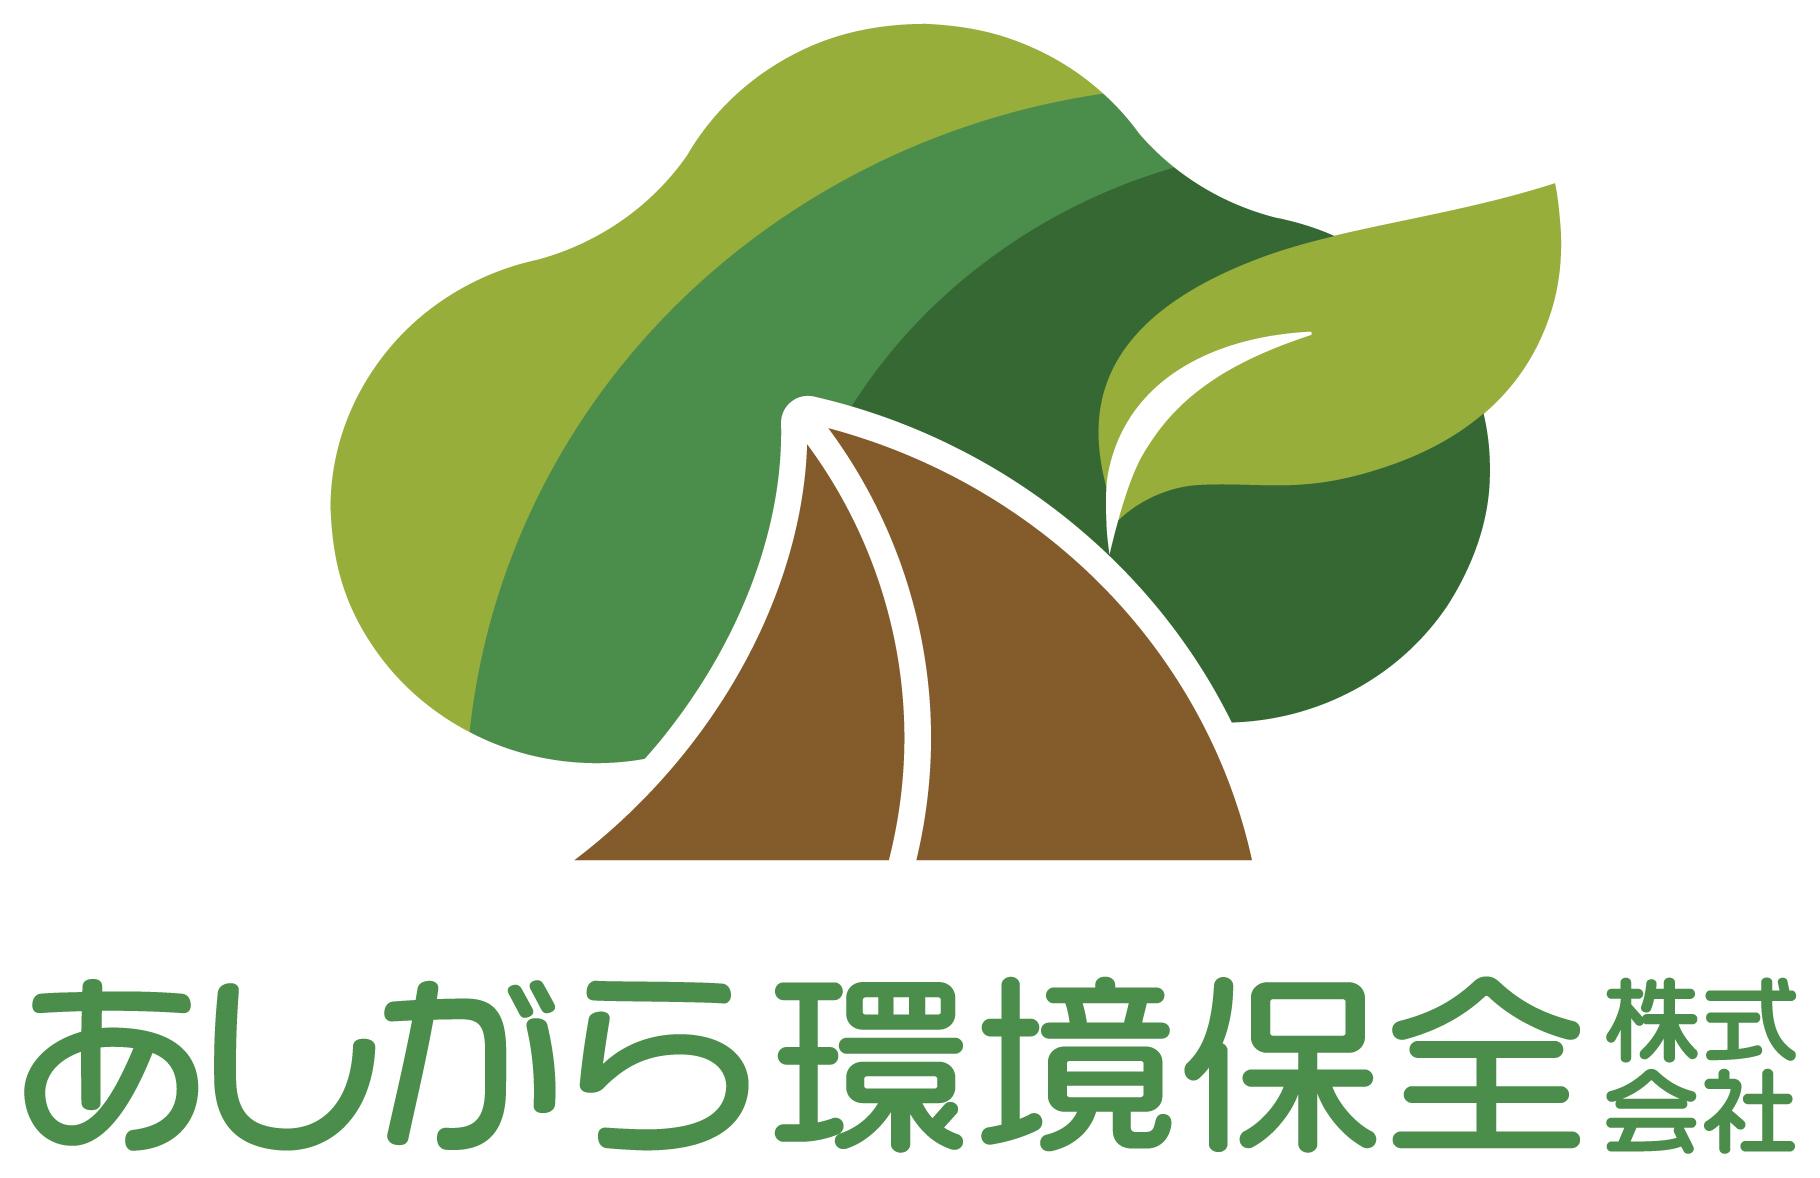 サービス業と親しみ/優しいと茶のロゴ